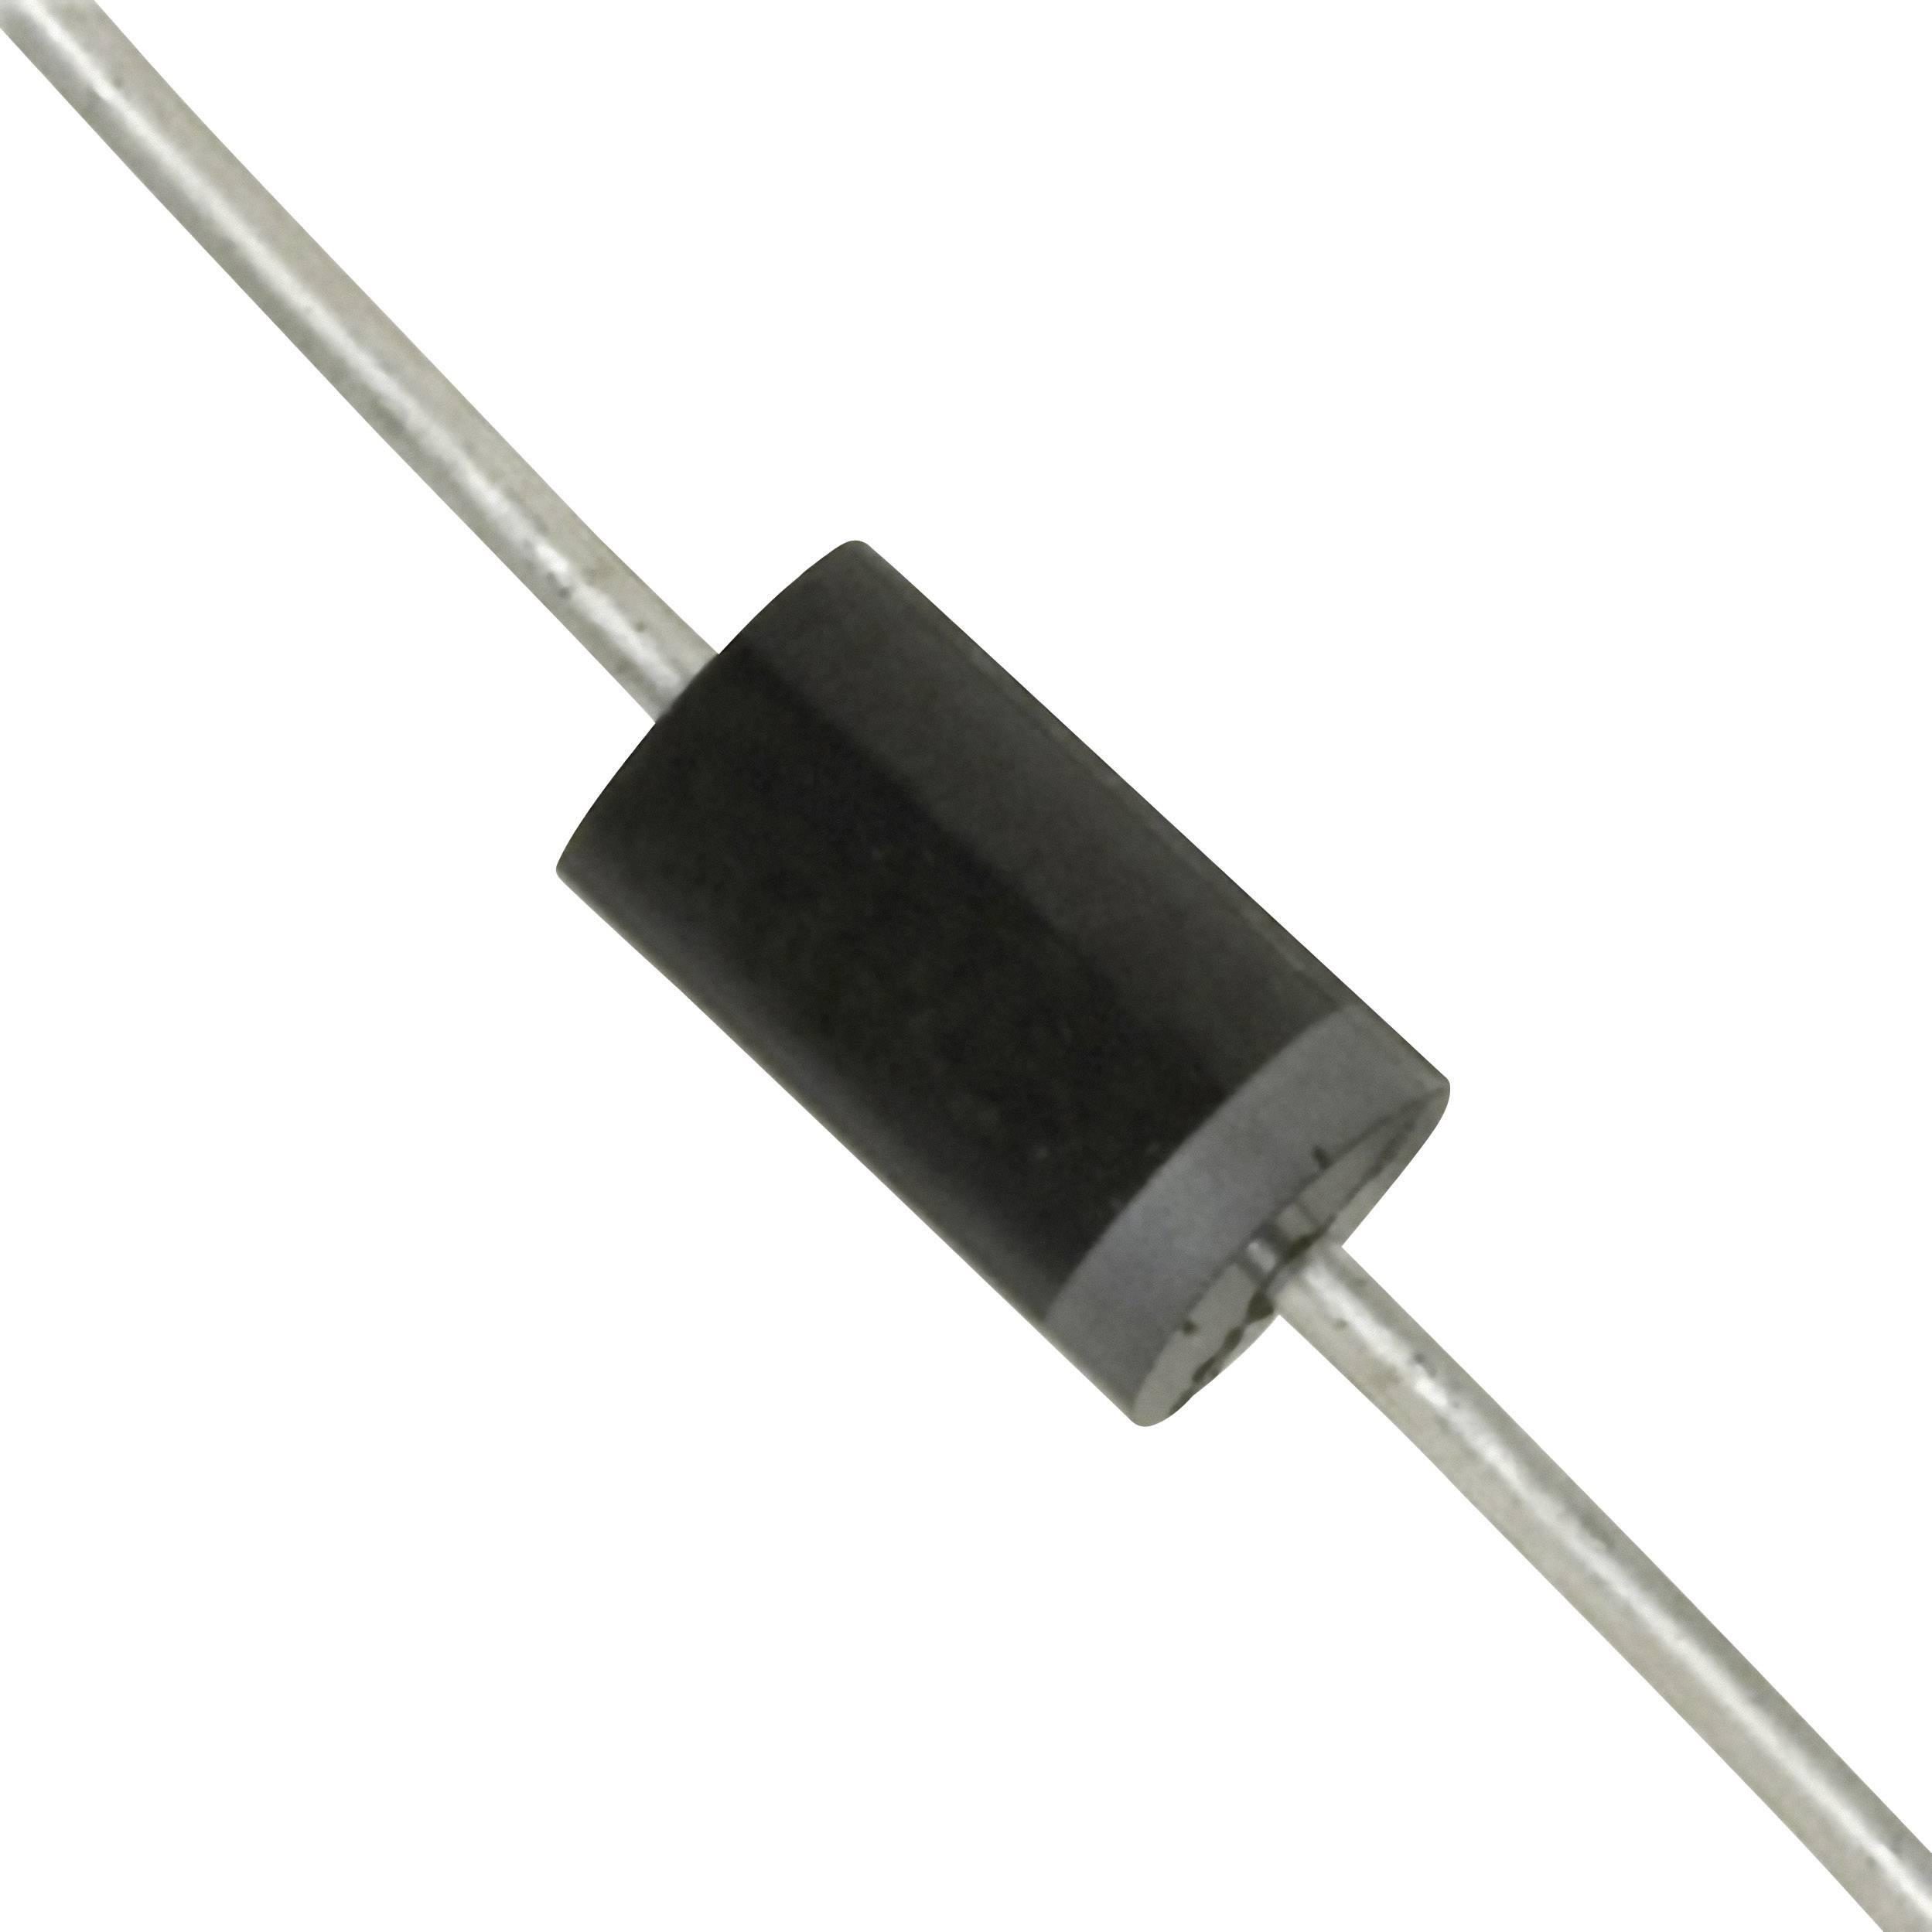 Zenerova dioda Diotec ZPD 30 V, 500 mW, DO 35 P